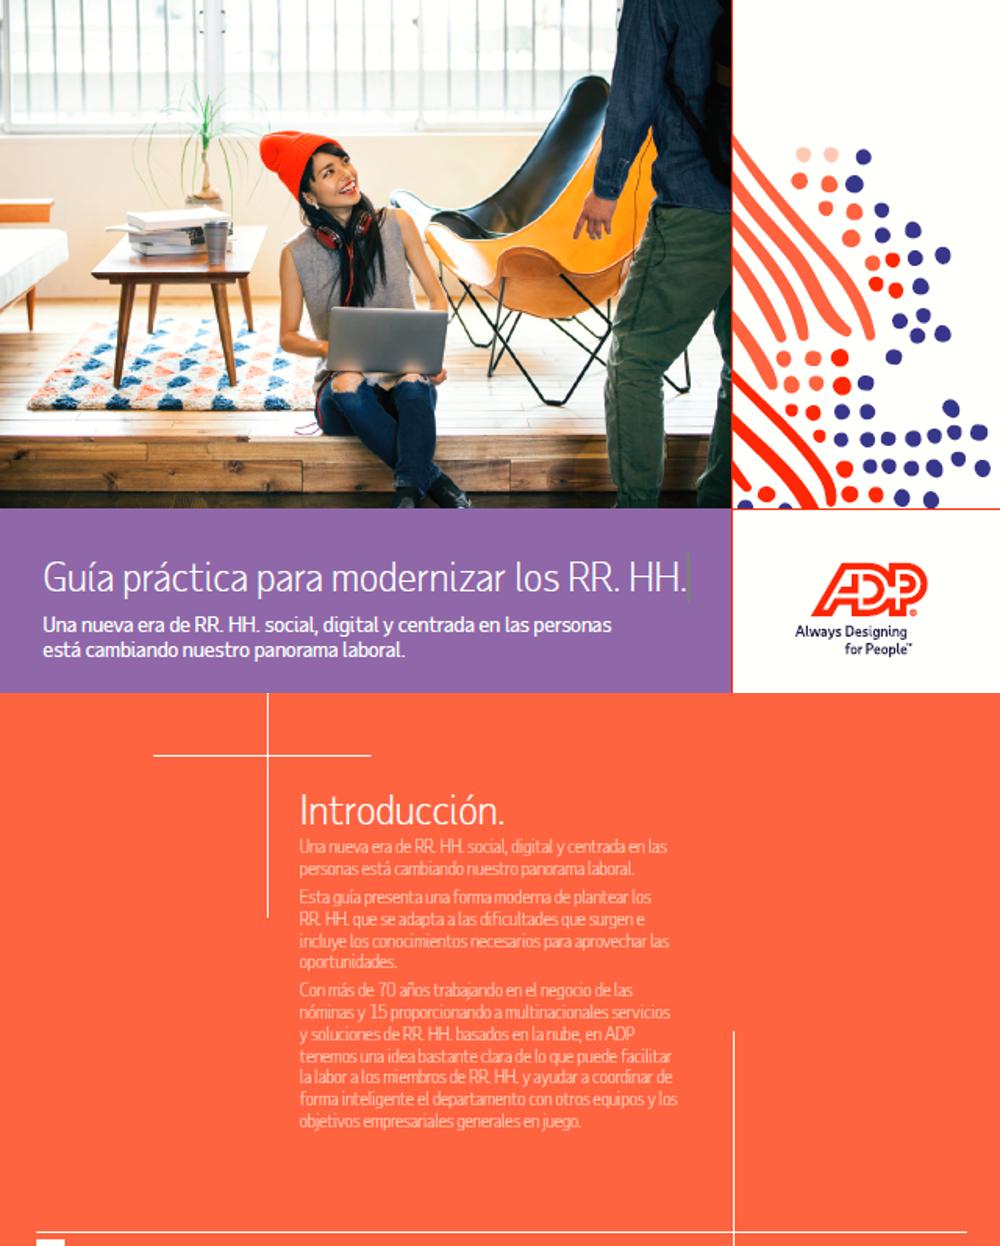 Guía práctica para modernizar los RR. HH.